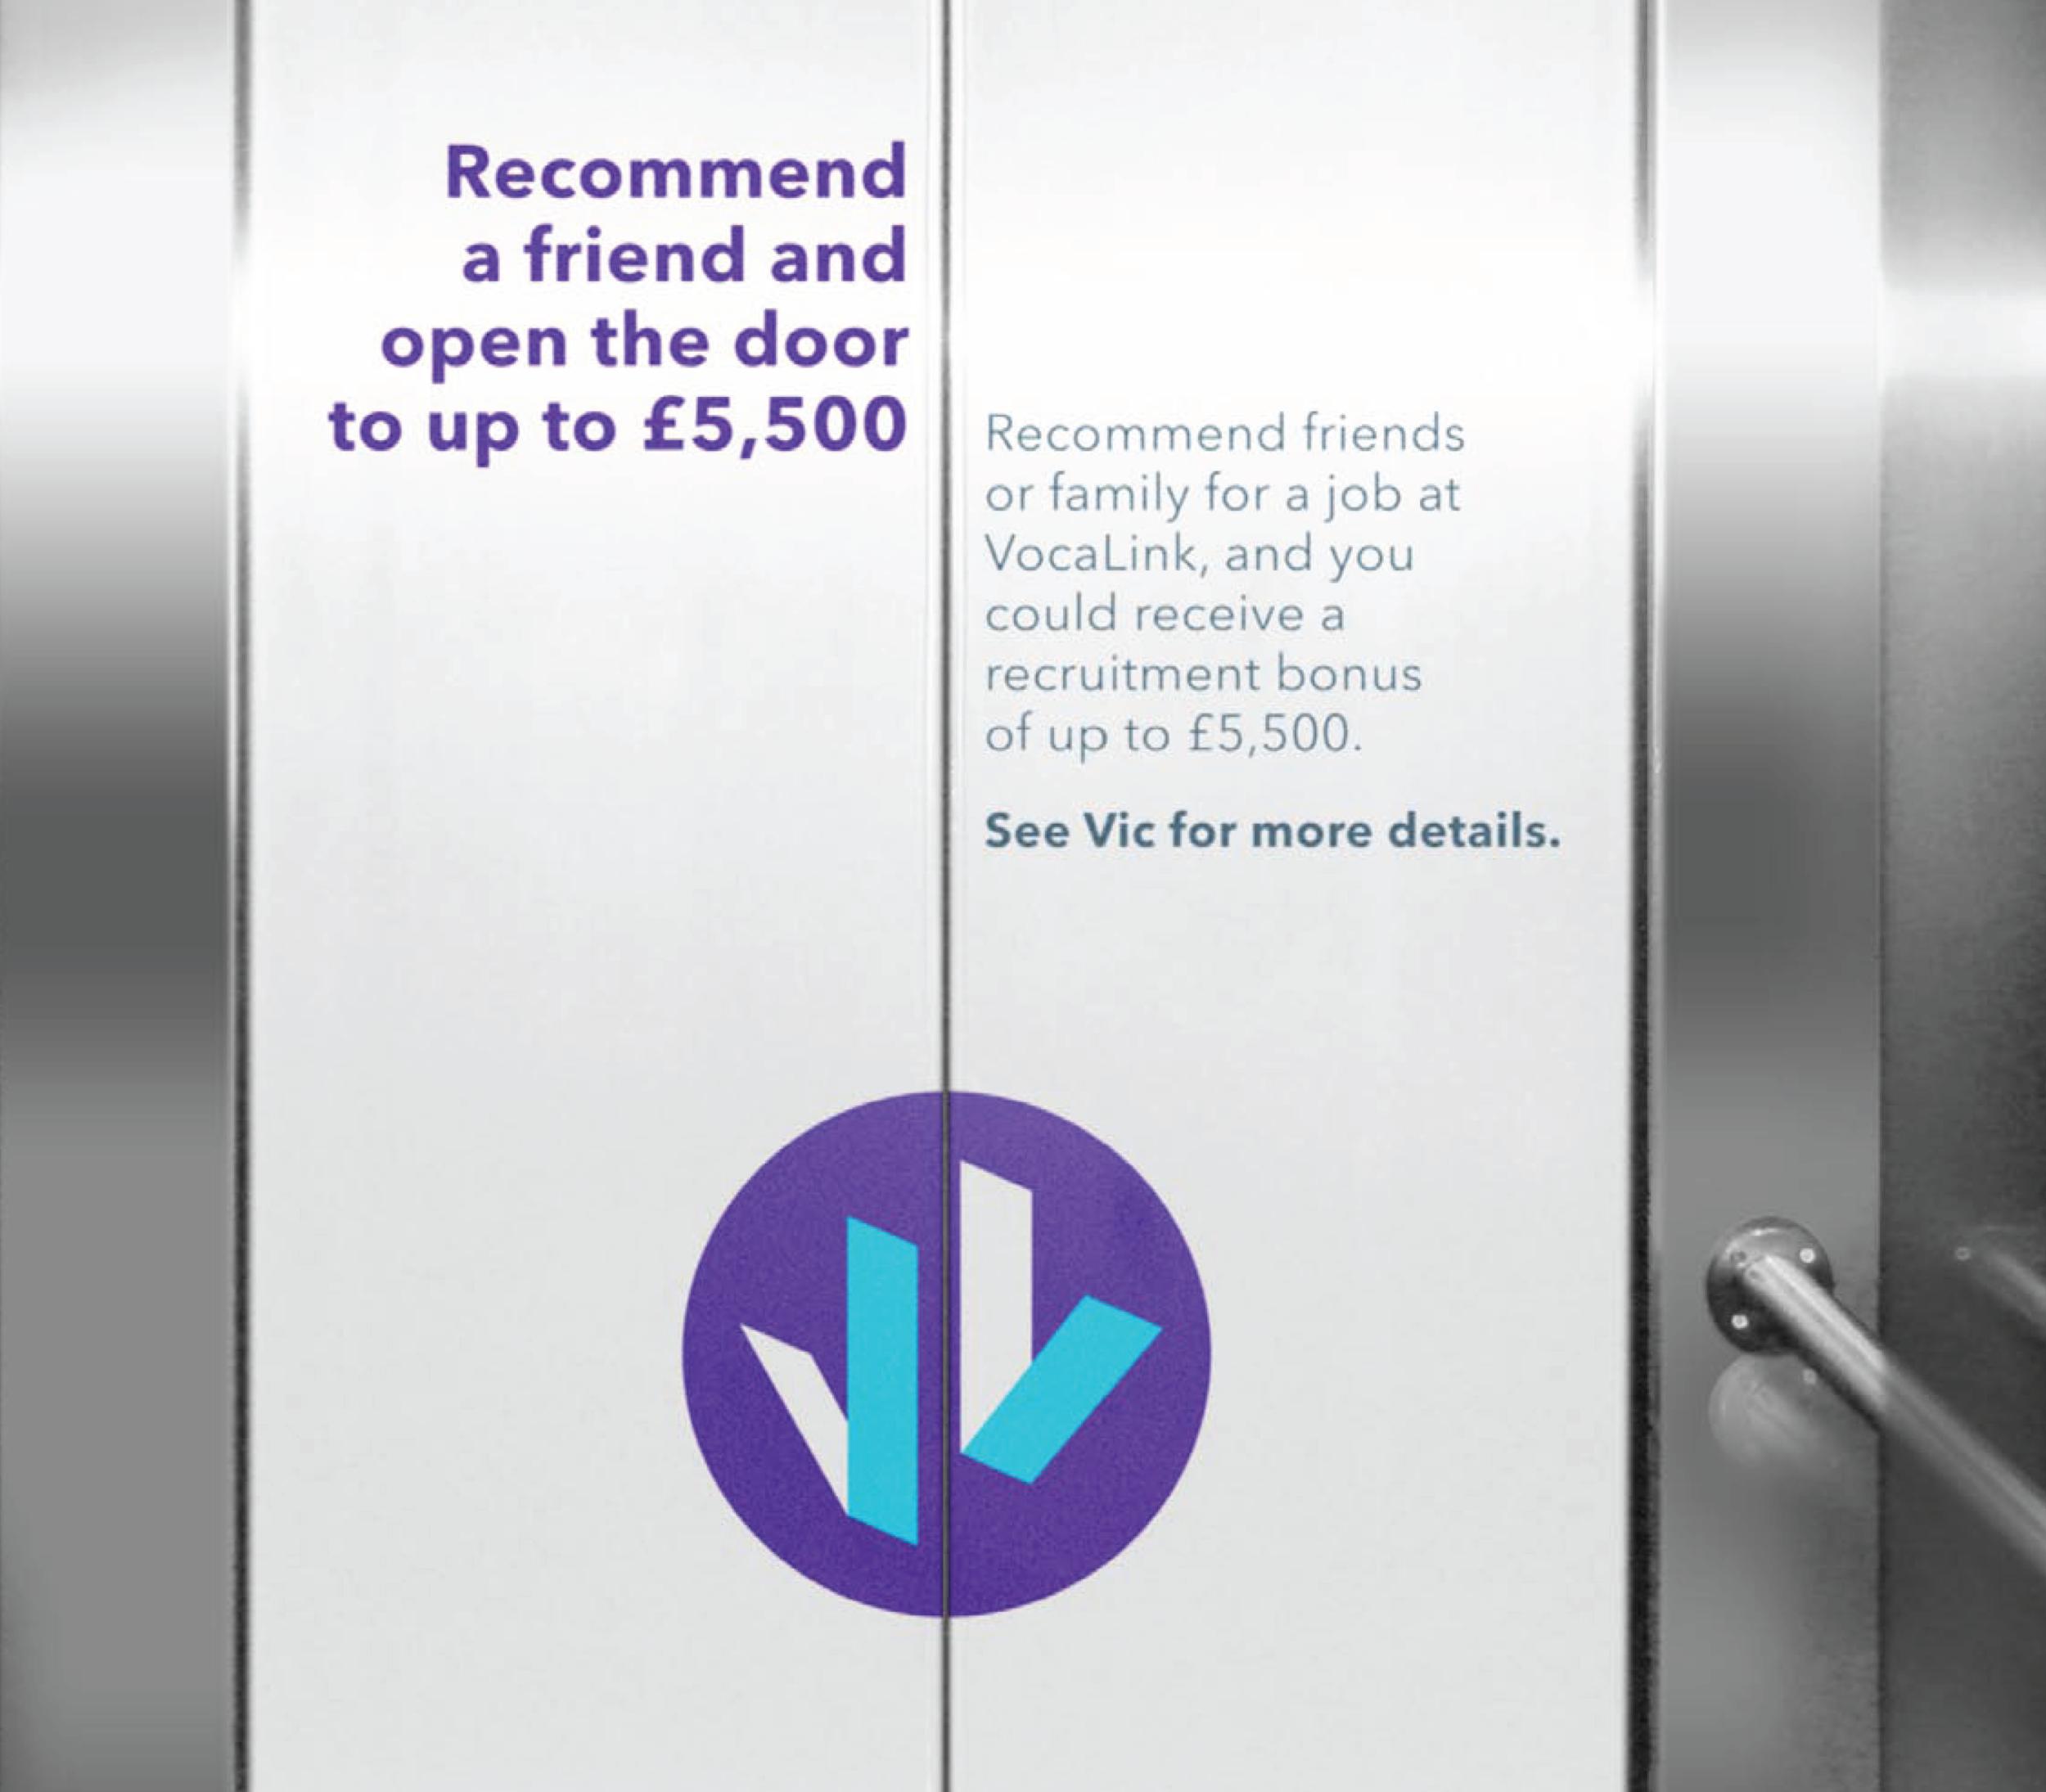 toybox_creative_vocalink_lift doors1.png